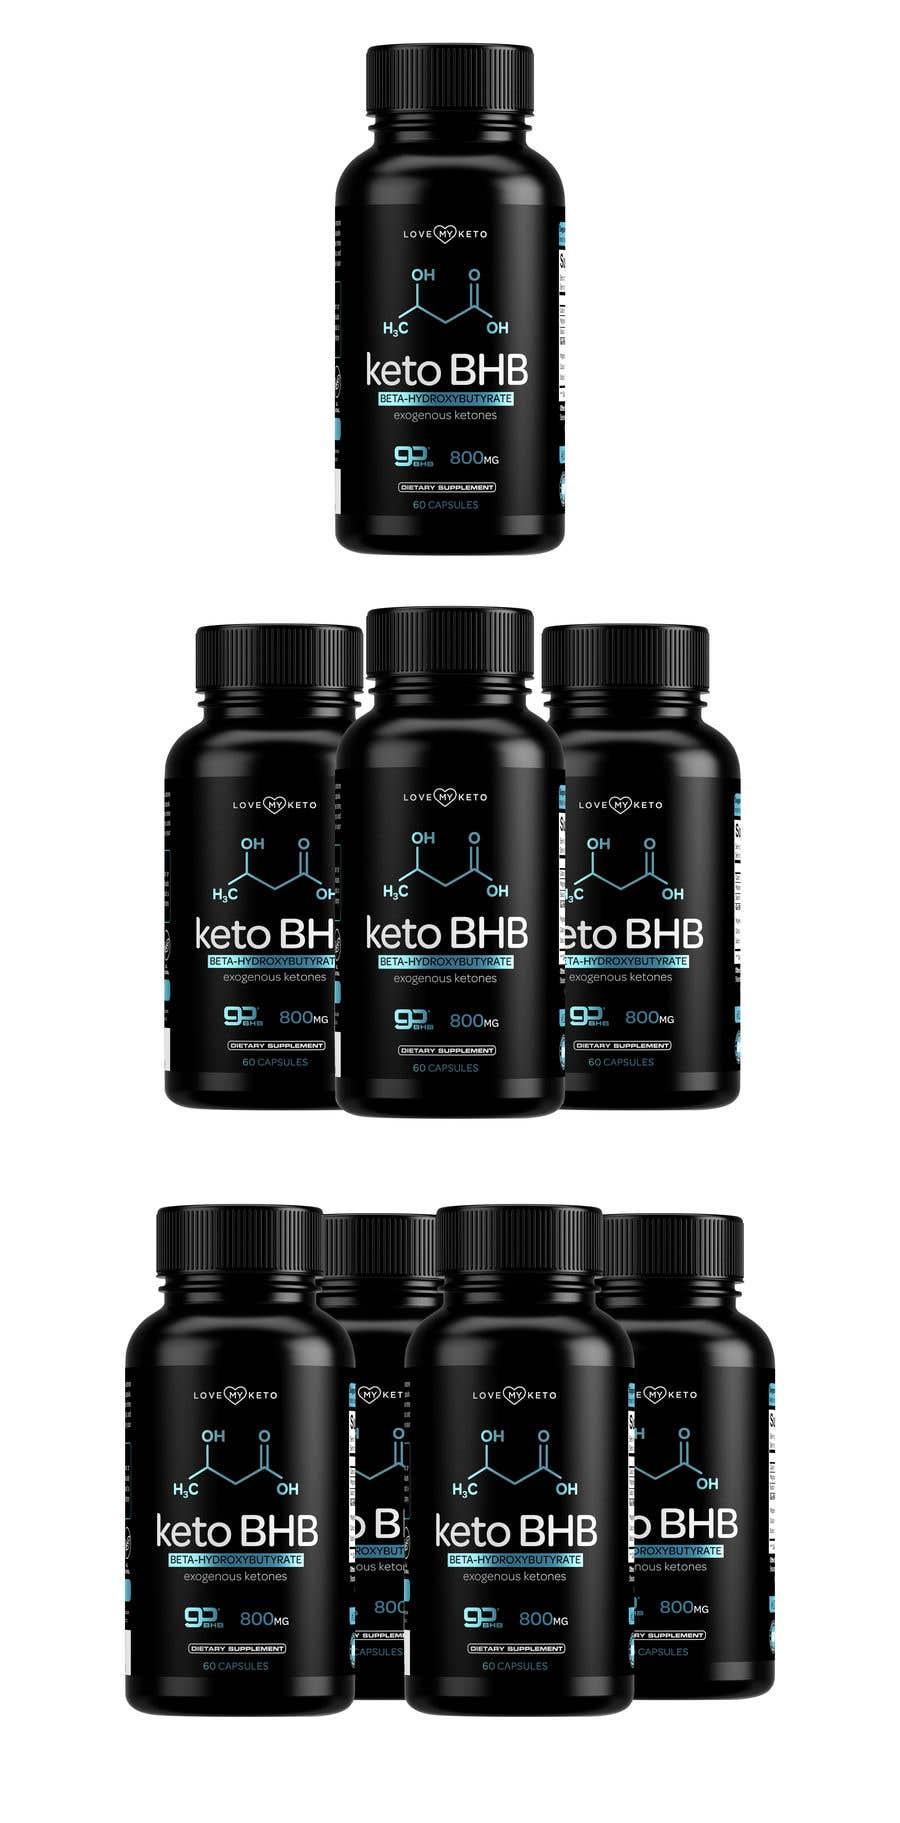 """Konkurrenceindlæg #24 for create product images for my keto supplement website """"1 bottle"""" """"3 bottles"""" """"4 bottles"""""""